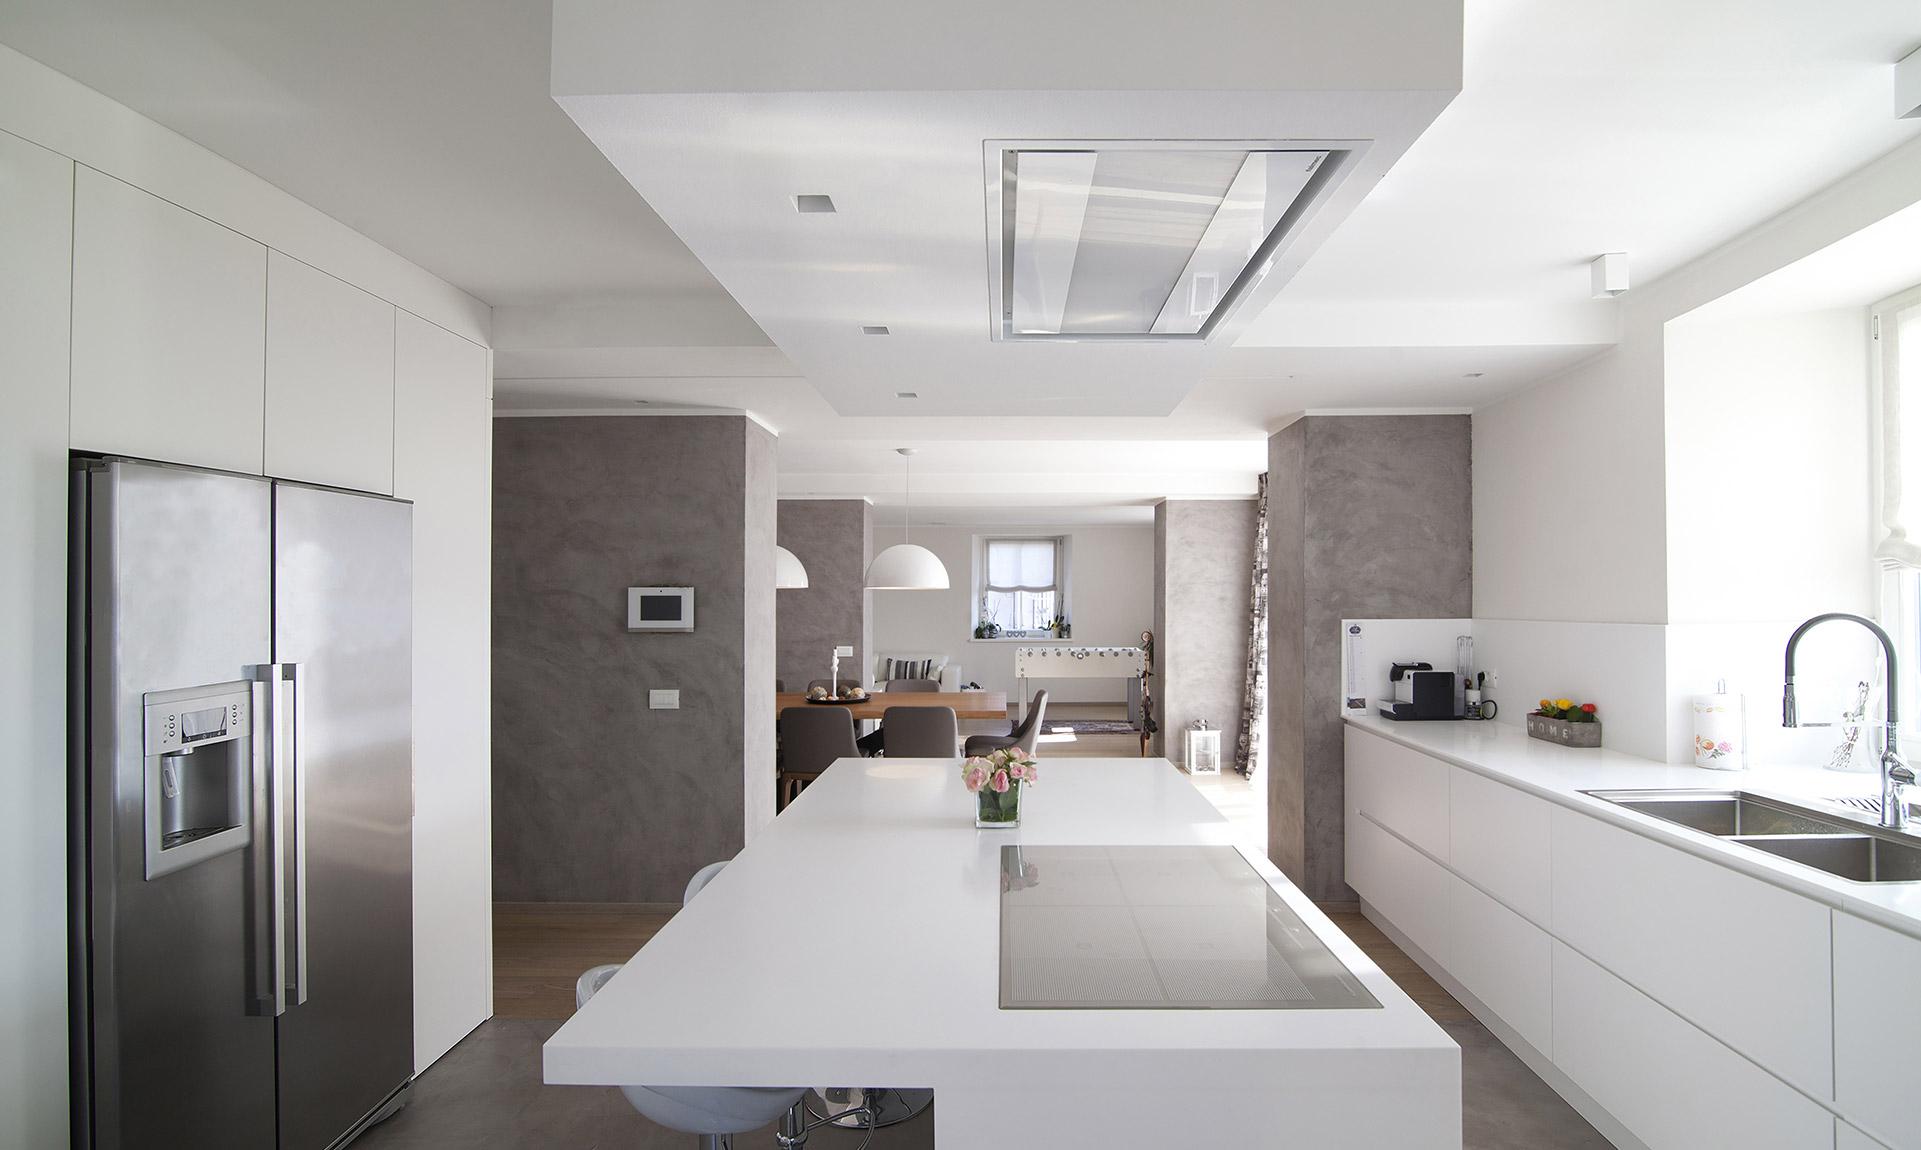 Cucina con penisola, mobili e pavimento in legno Corazzolla Arredamenti